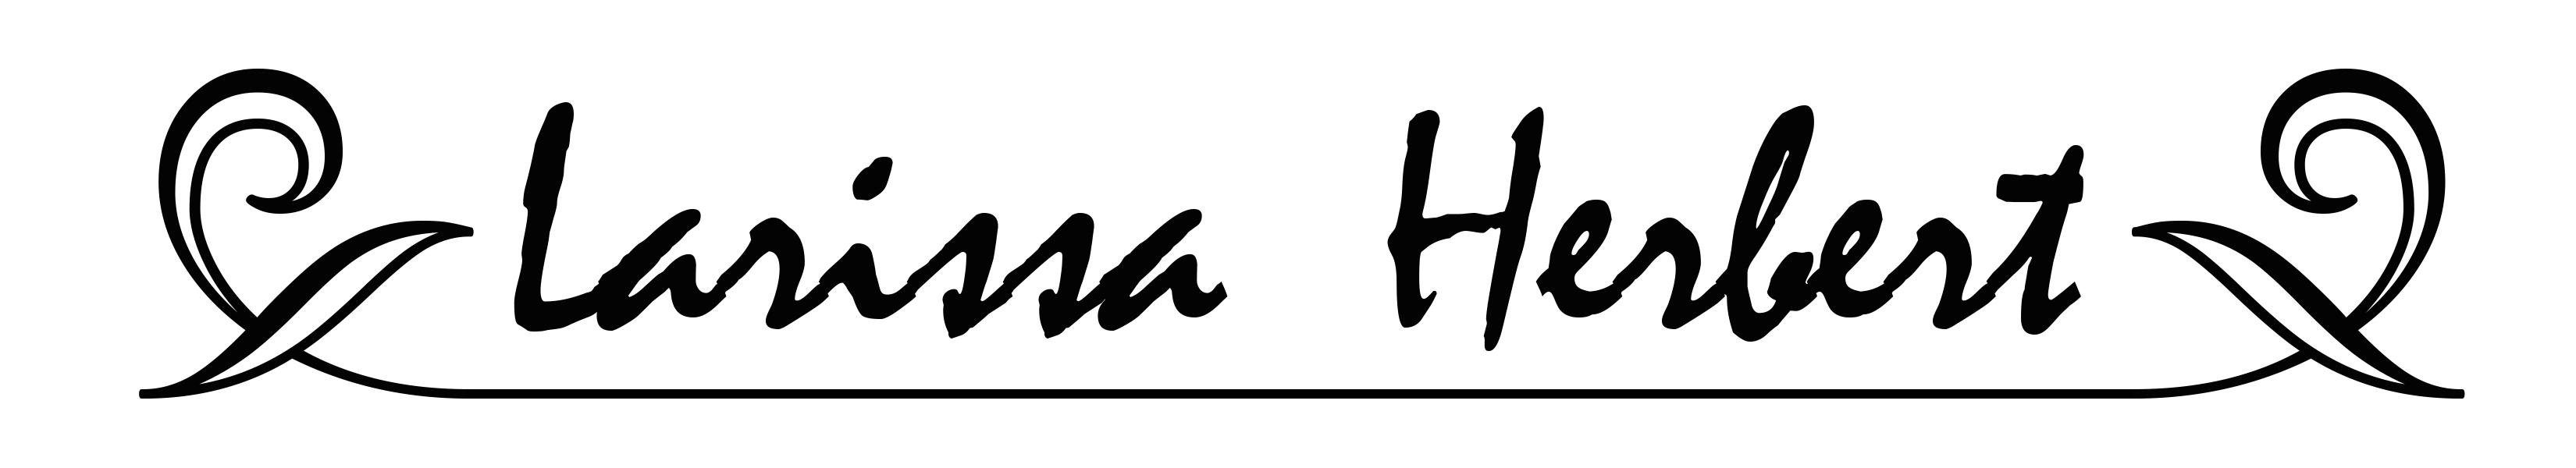 Larissa Herbert Signature